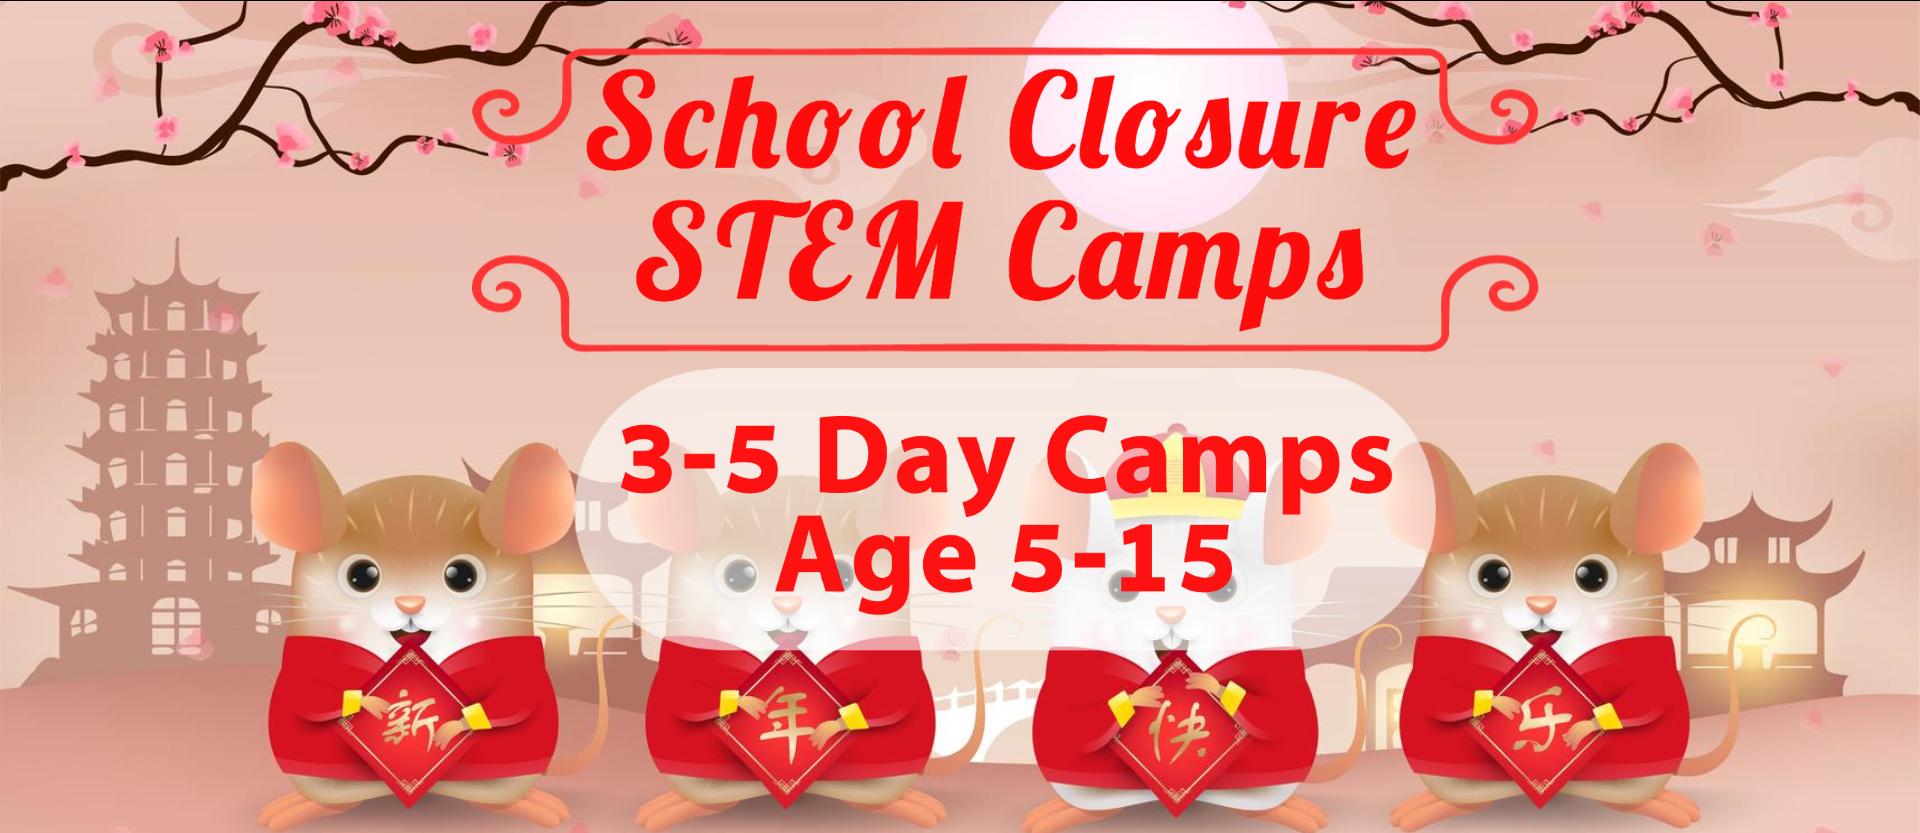 School Closure Private Camp 2020